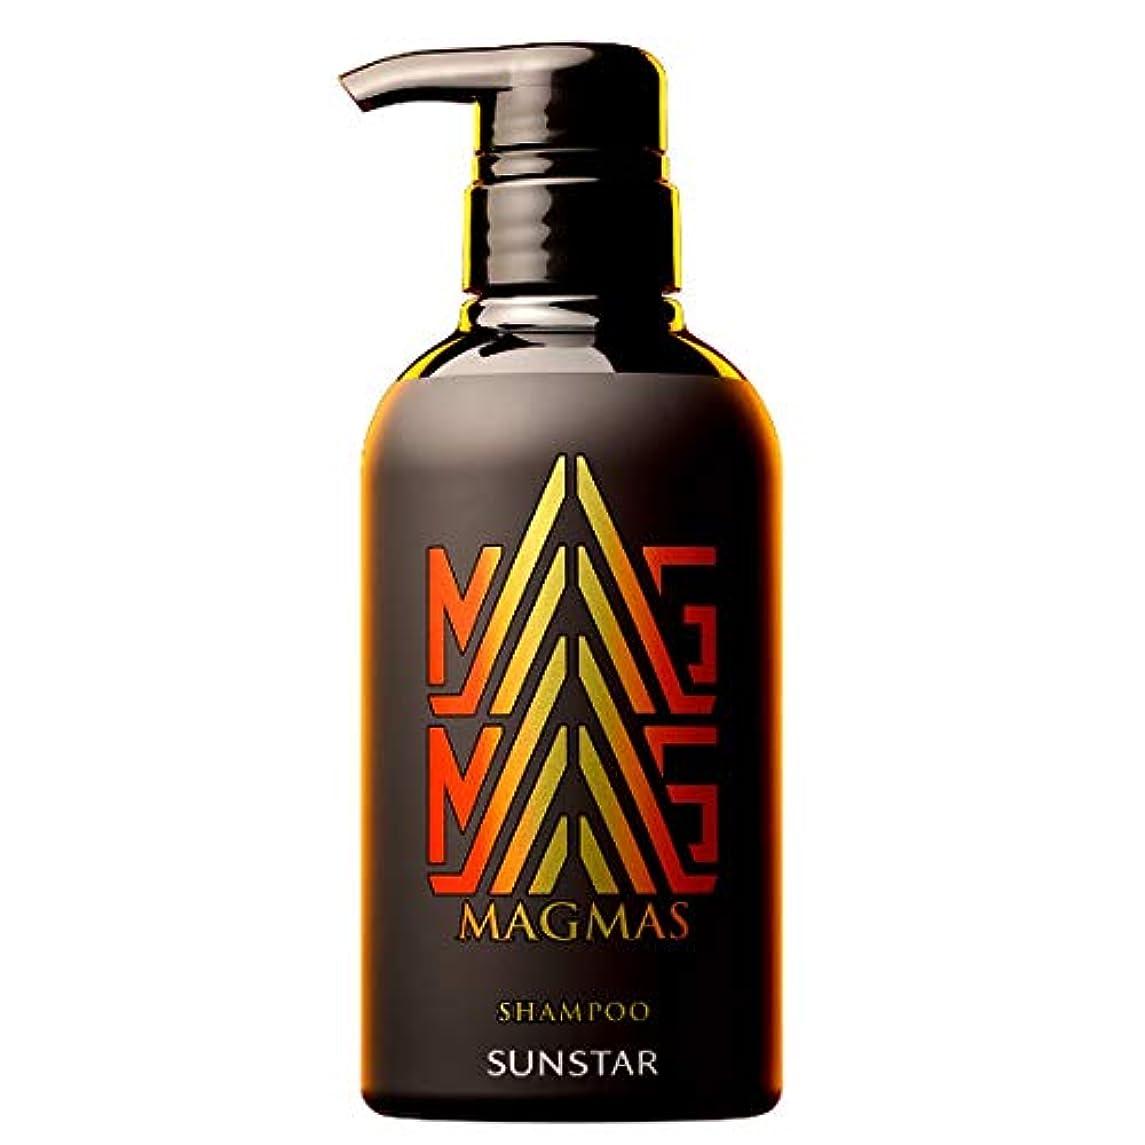 温室ノミネート排他的サンスター メンズ 亜鉛導入シャンプー MAGMAS(マグマス) 髪のボリュームアップ & スカルプケア 400ml